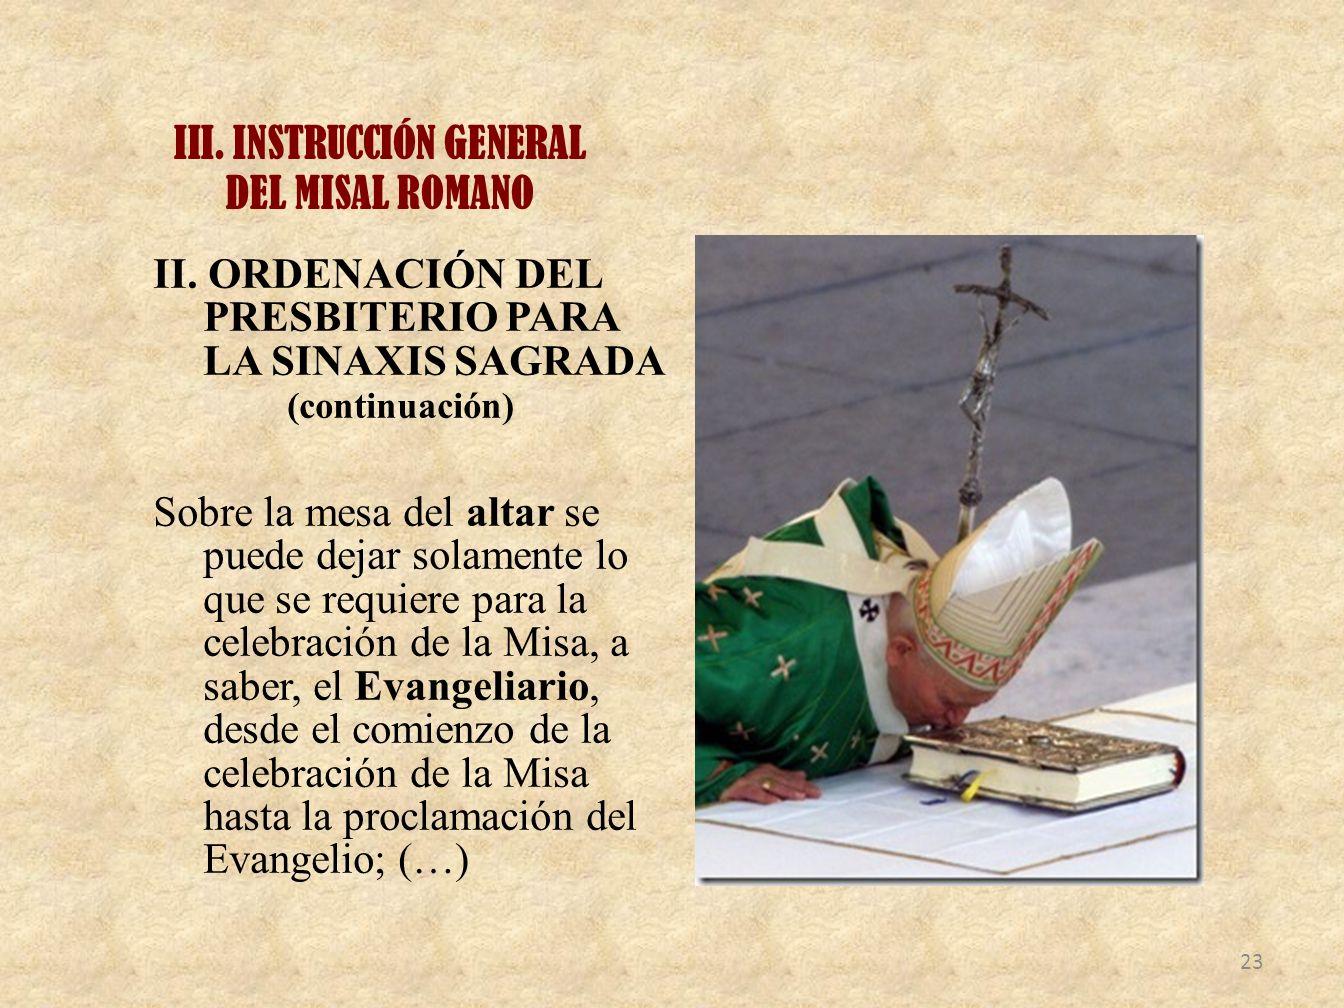 III. INSTRUCCIÓN GENERAL DEL MISAL ROMANO II. ORDENACIÓN DEL PRESBITERIO PARA LA SINAXIS SAGRADA (continuación) Sobre la mesa del altar se puede dejar